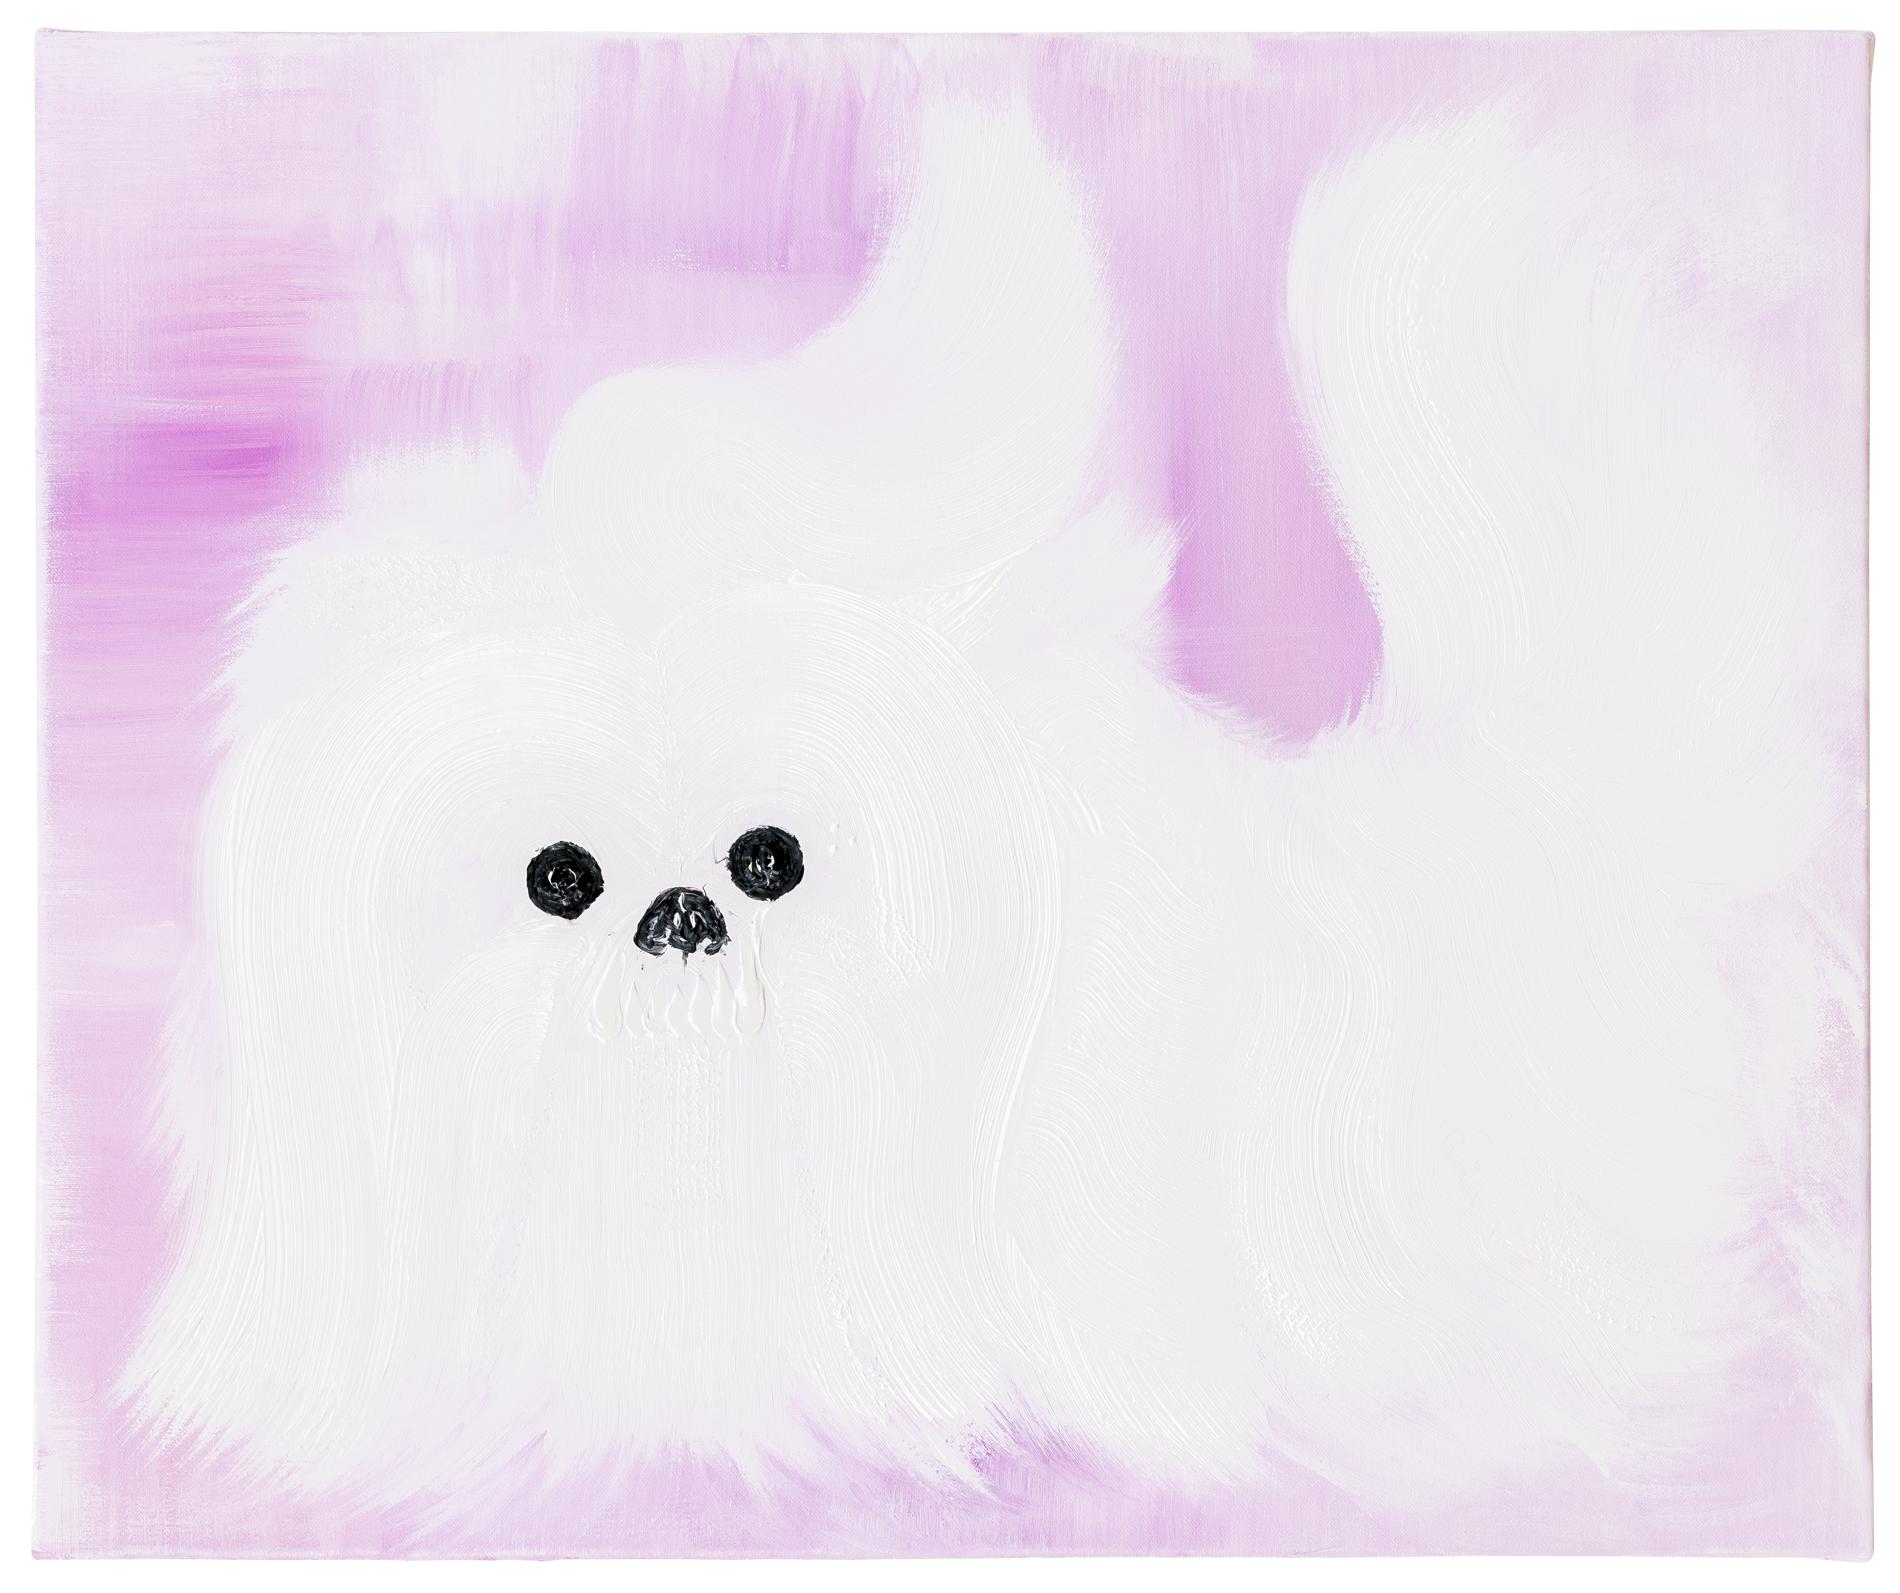 Abdul Vas. Pekingese. White Pekingese, 2017